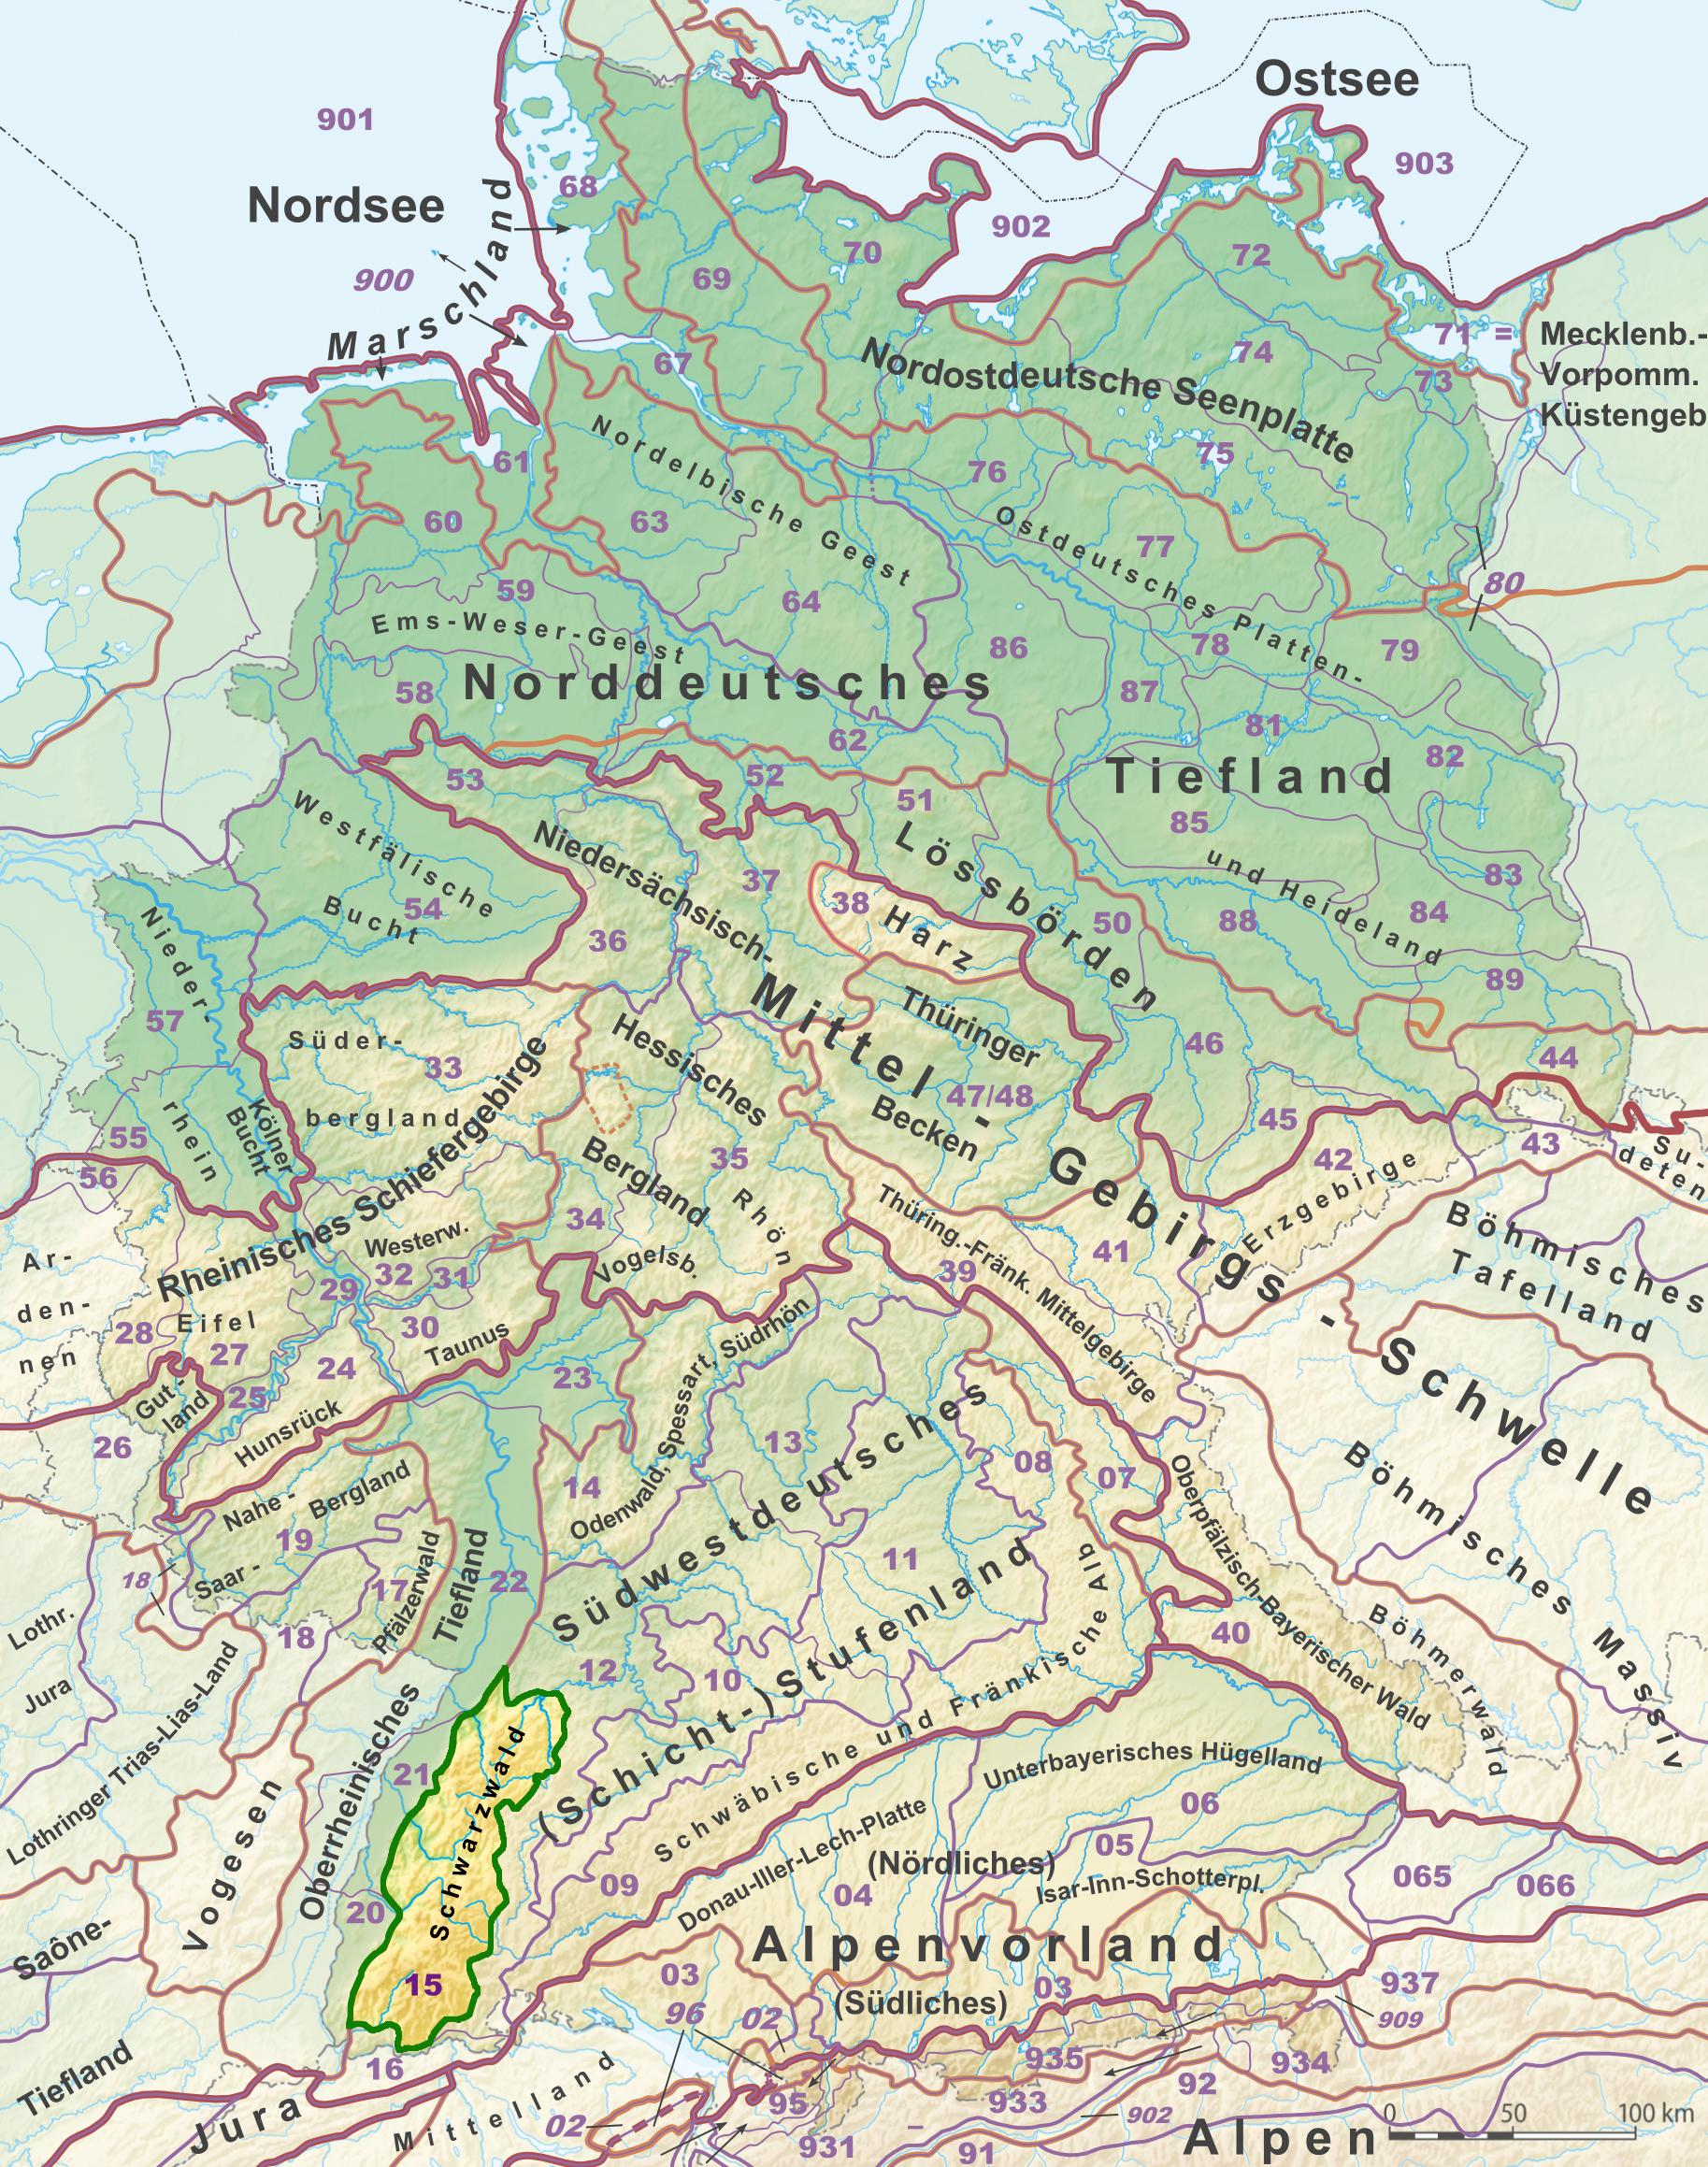 Wanderwege Deutschland Karte.Wanderwege Schwarzwald Karte Hanzeontwerpfabriek